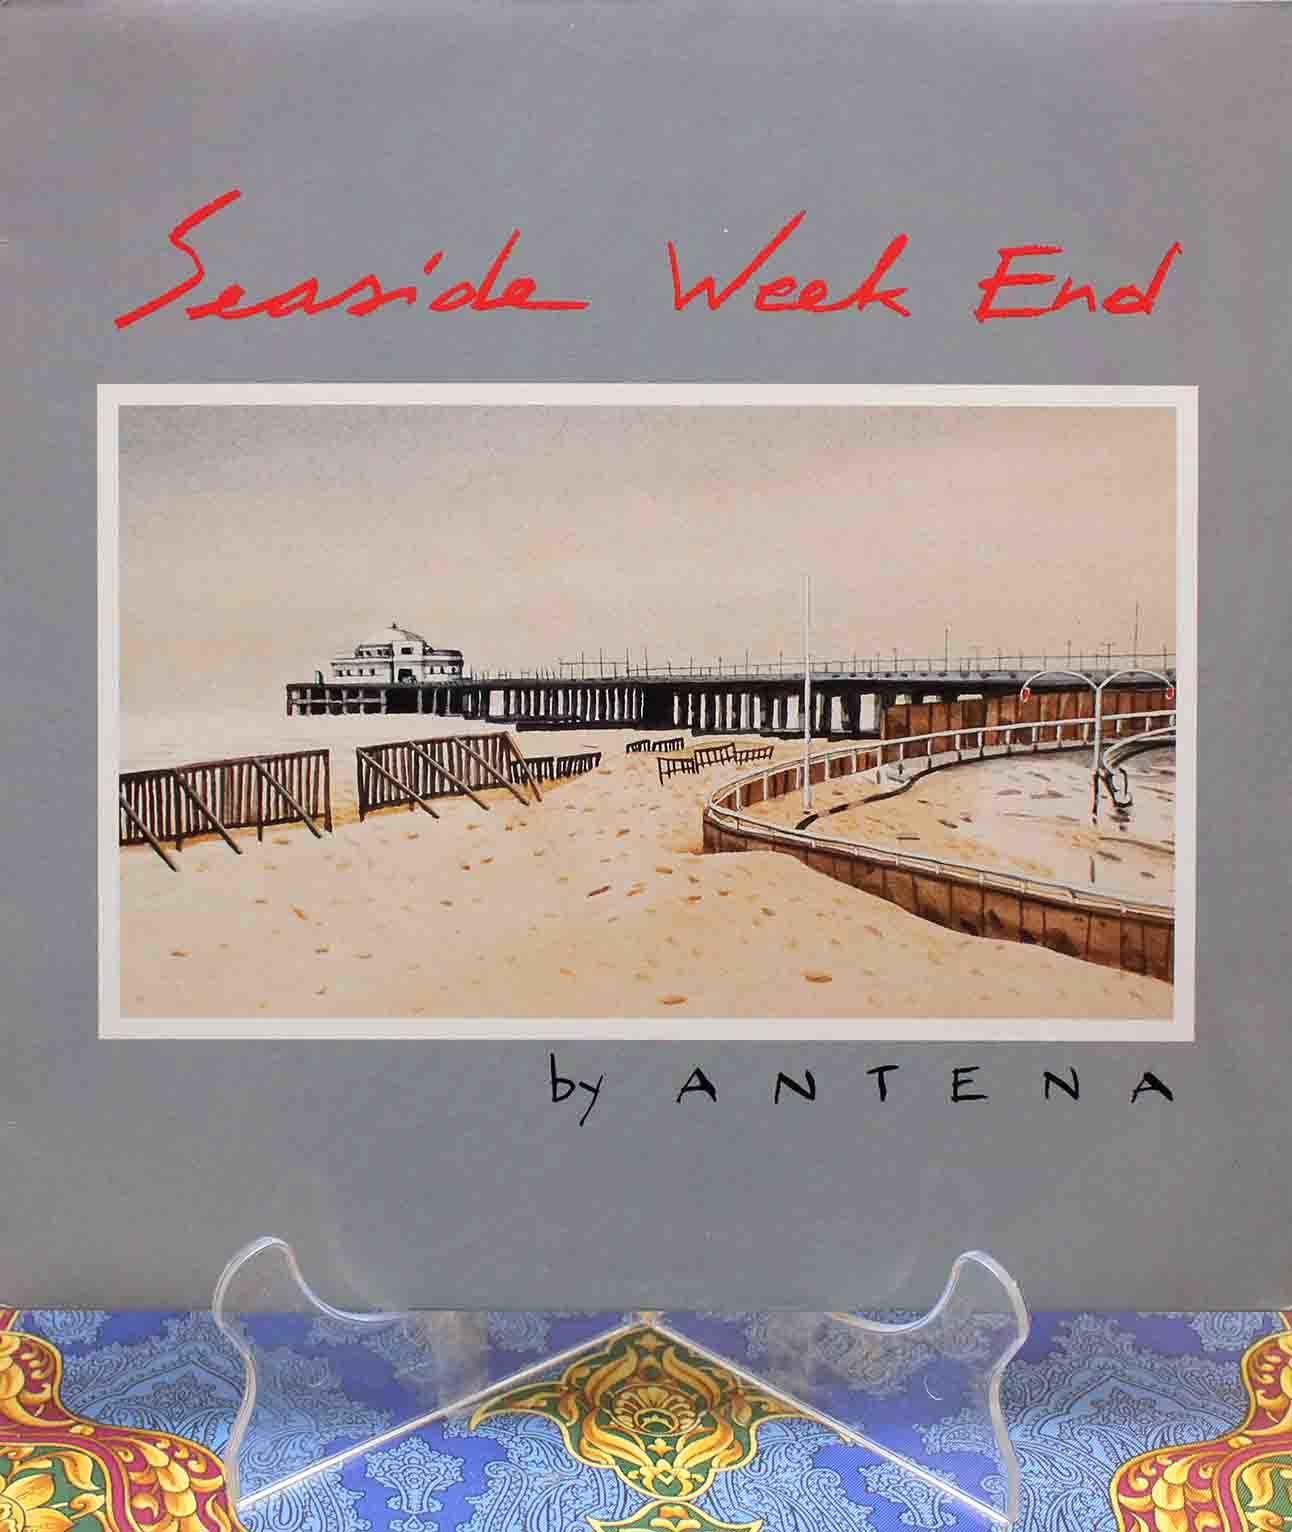 Antena – Seaside Week End 01